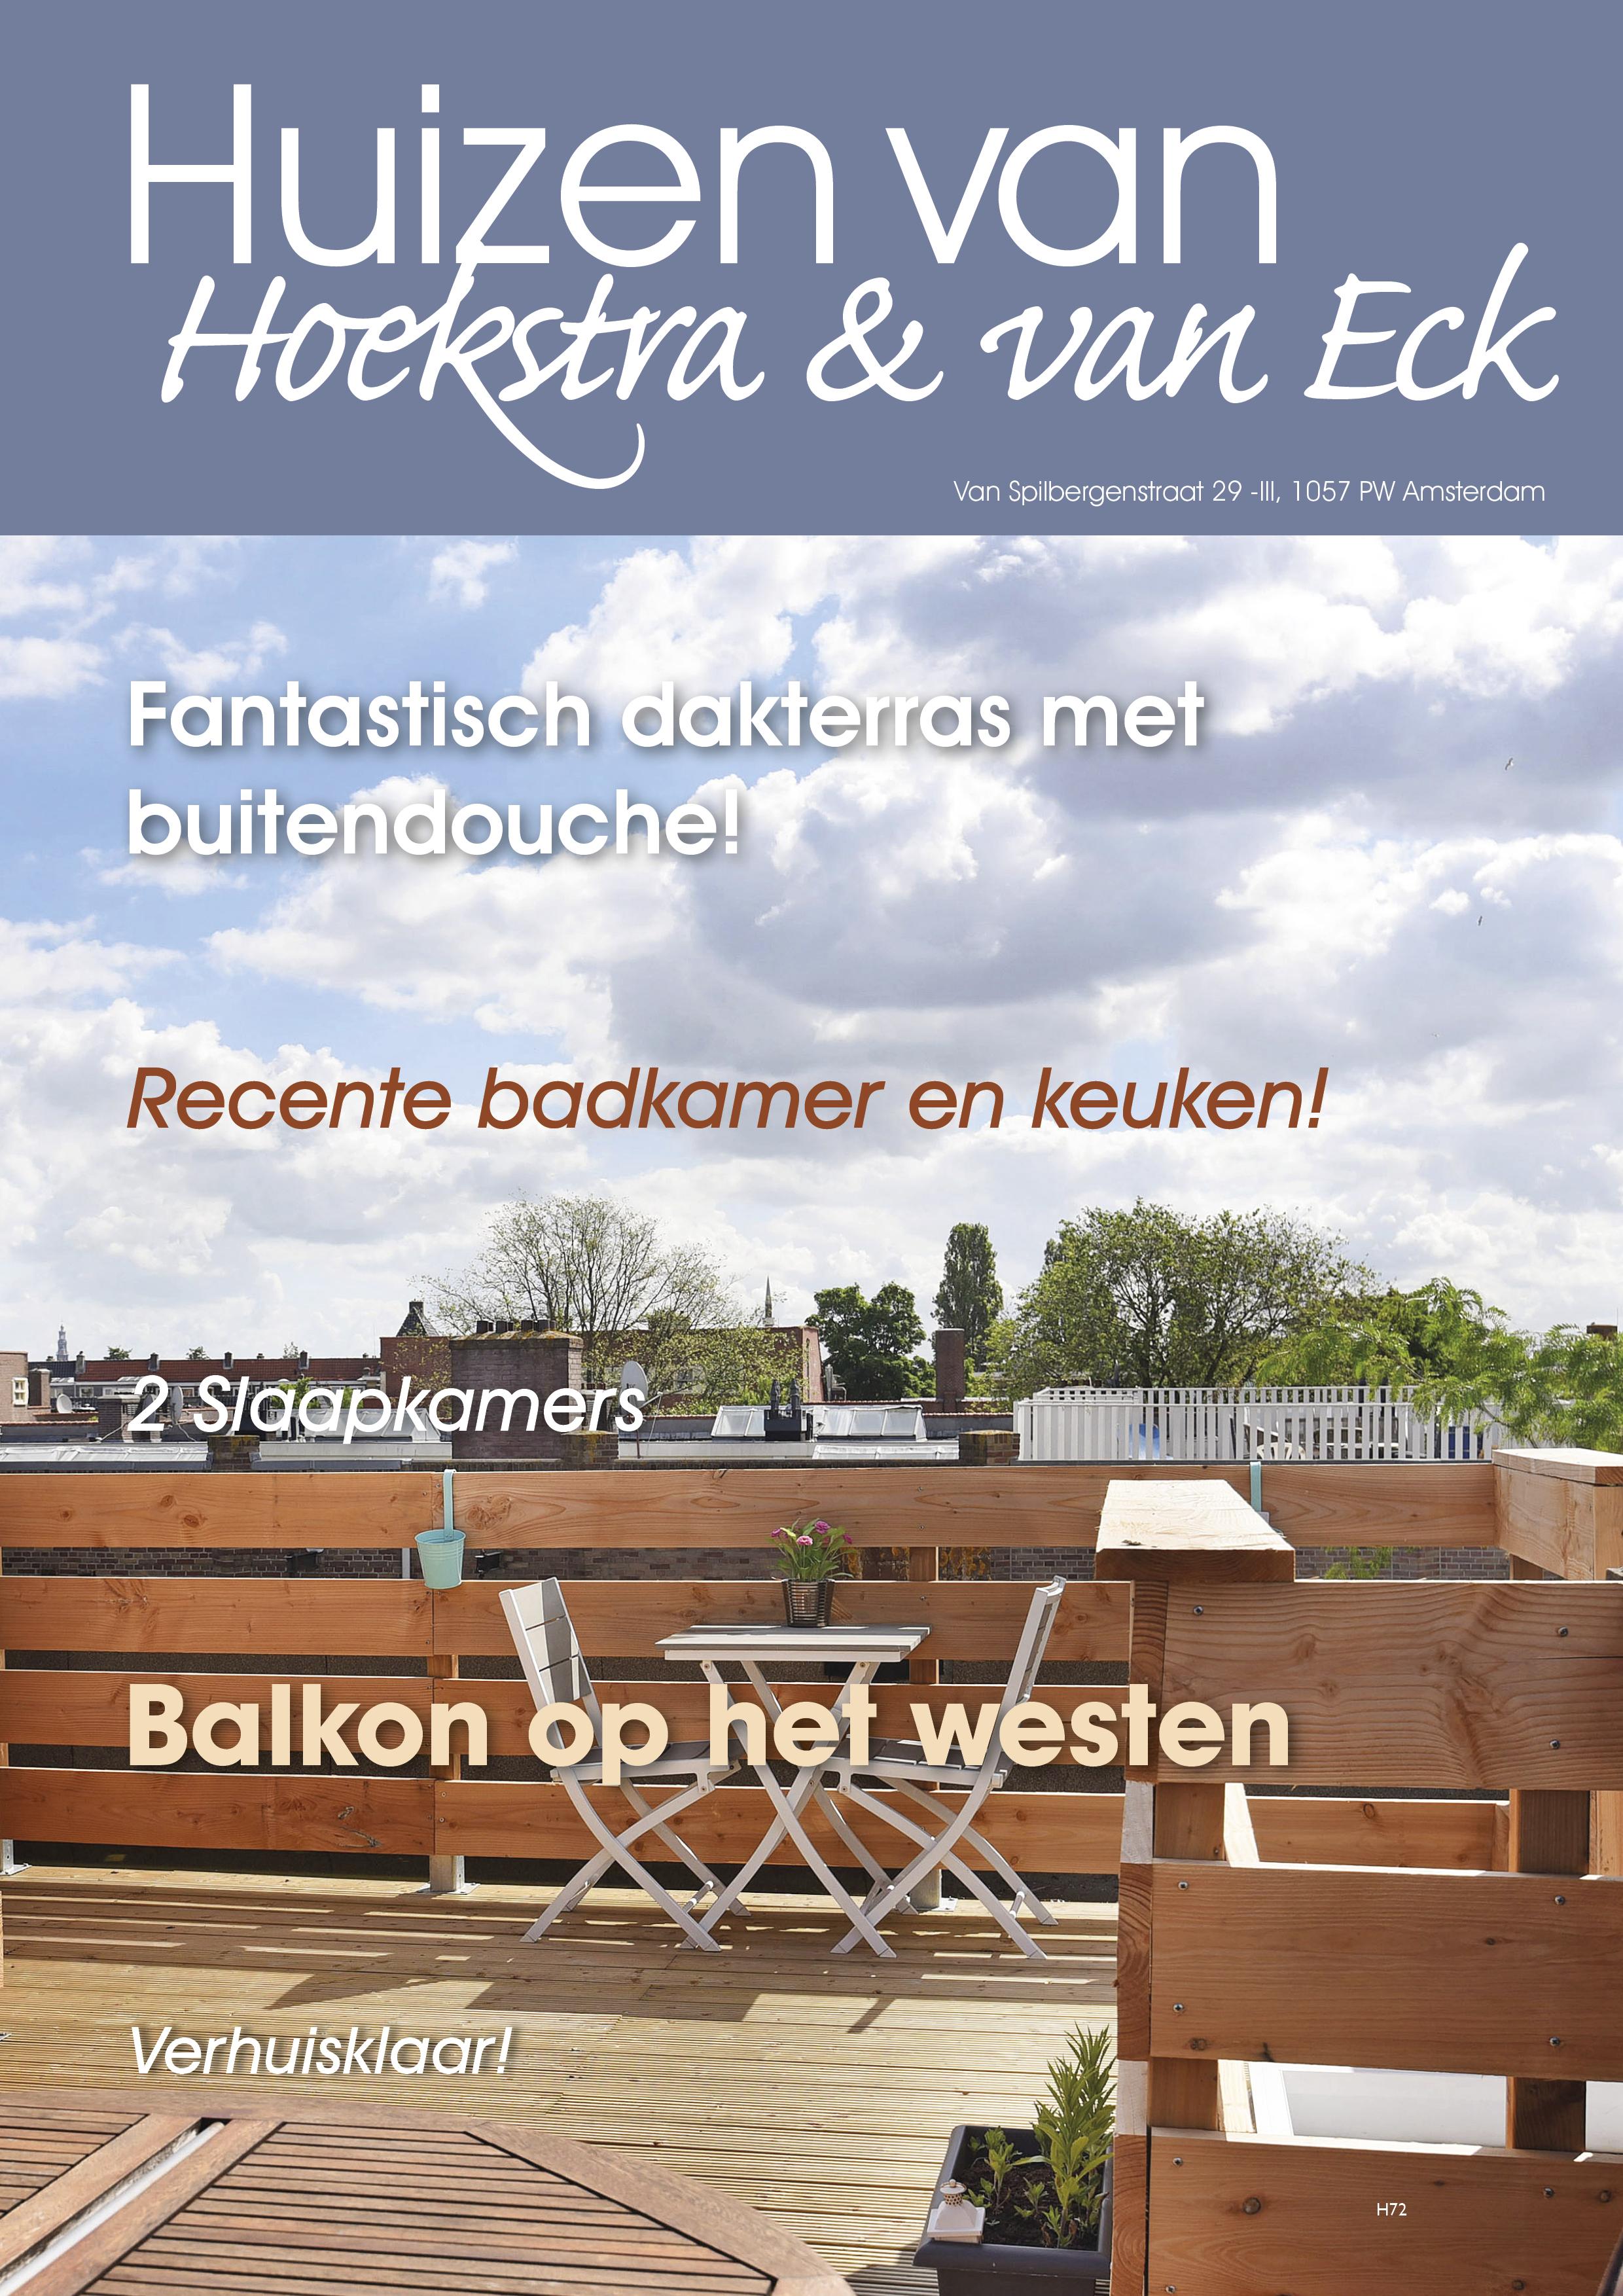 te koop van spilbergenstraat 29 iii amsterdam hoekstra en van